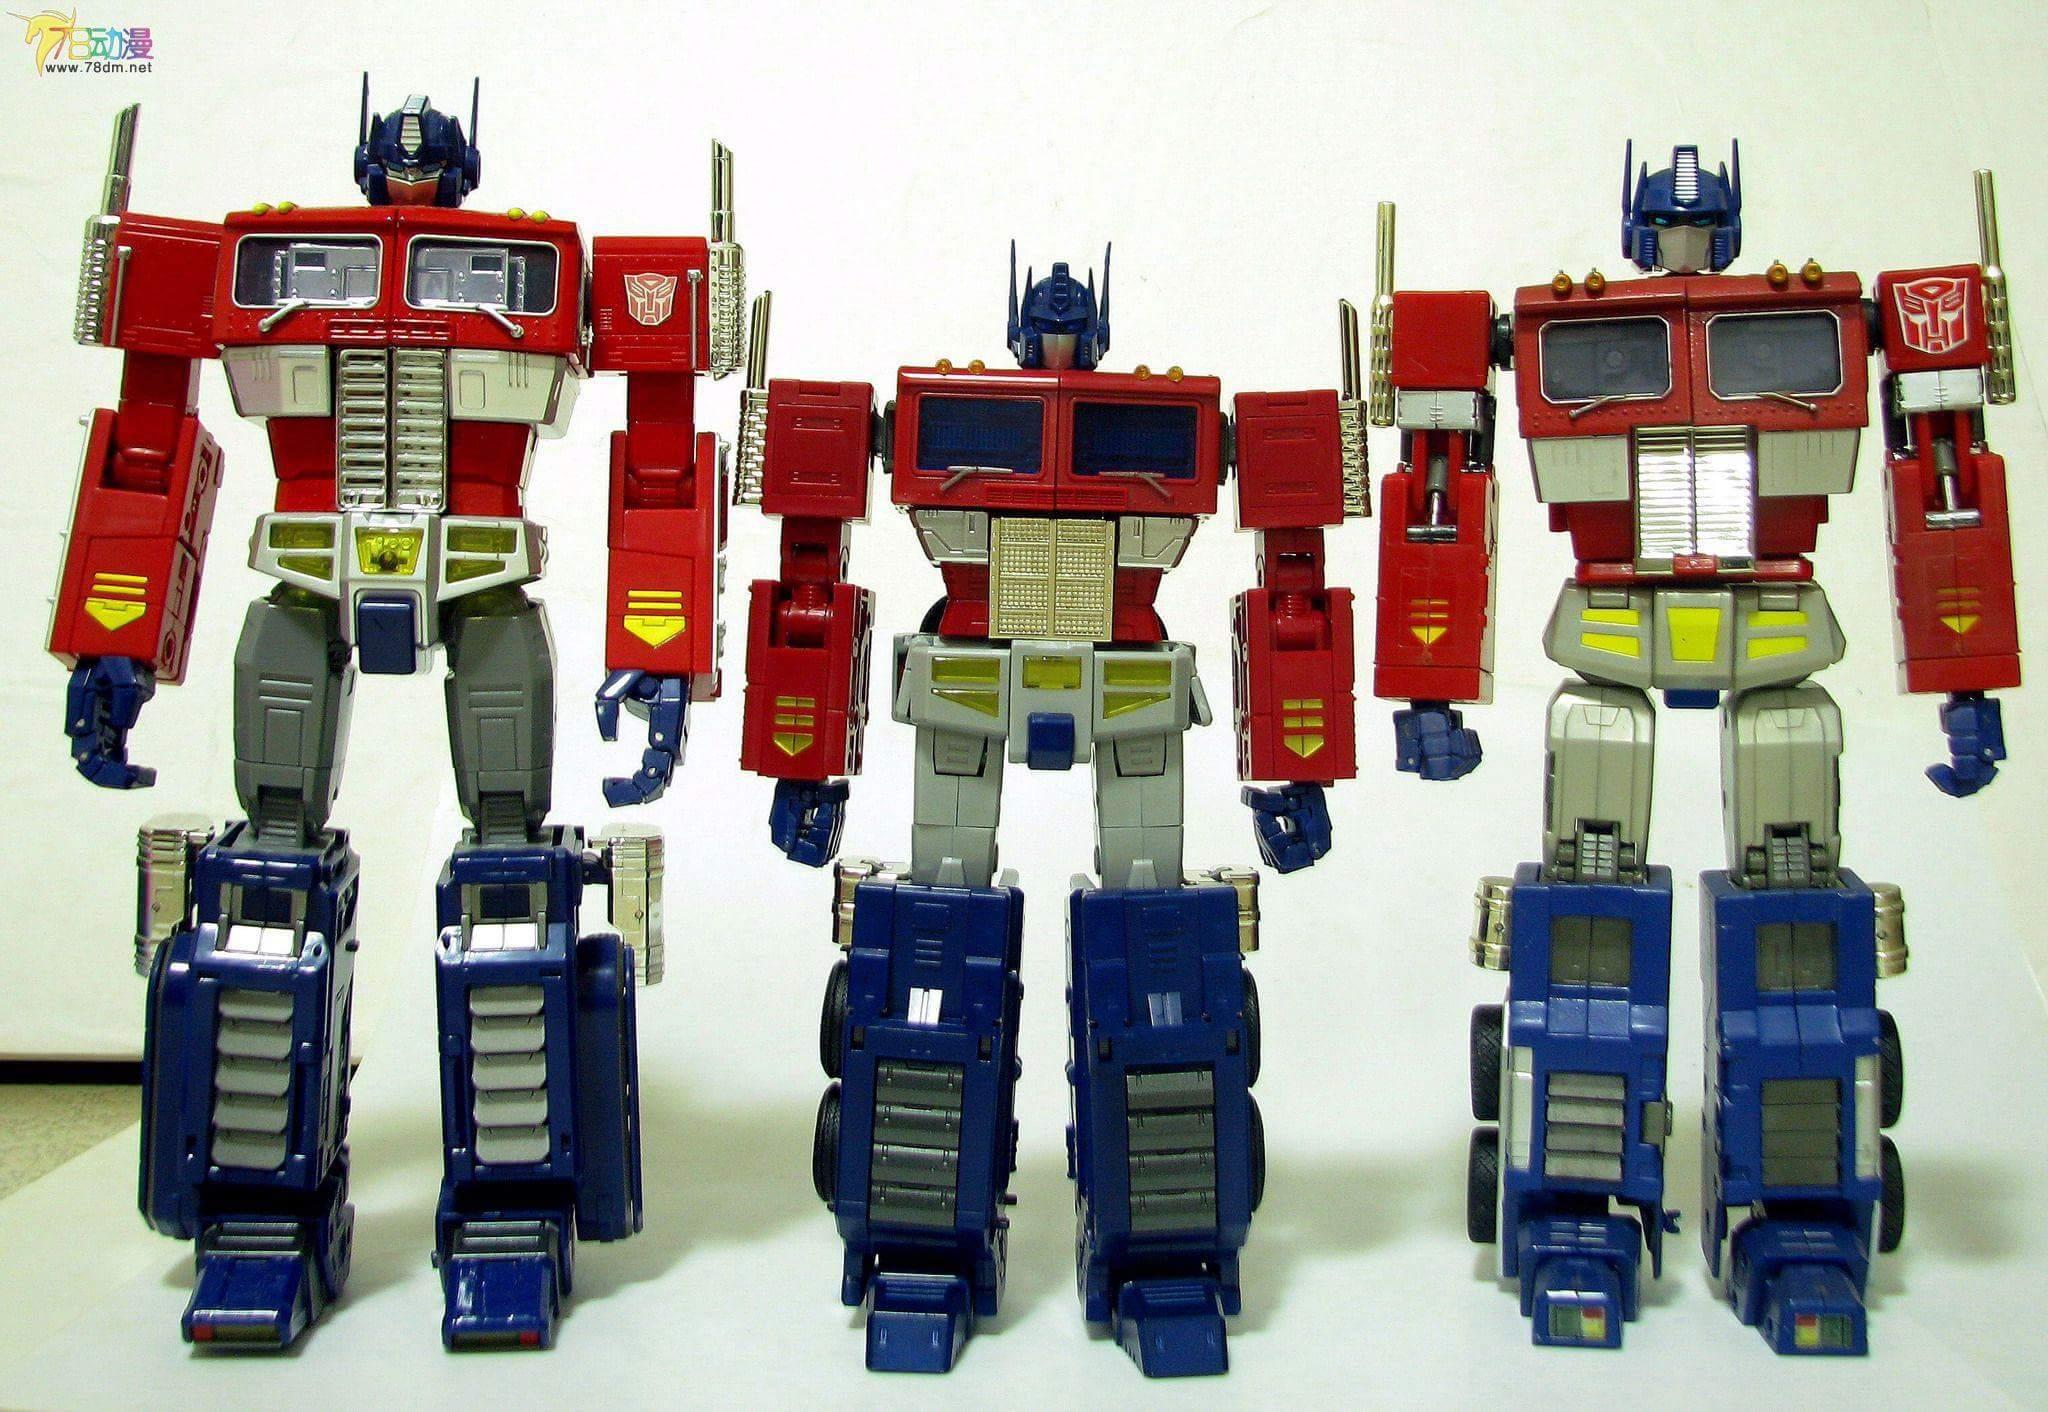 [ToyWorld][ZetaToys] Produit Tiers - TW-M01 Primorion/Zeta-EX6O OriPrime et Zeta -EX6E EvaPrime - aka Optimus (G1 et Evangelion) - Page 2 7oyFOLoL